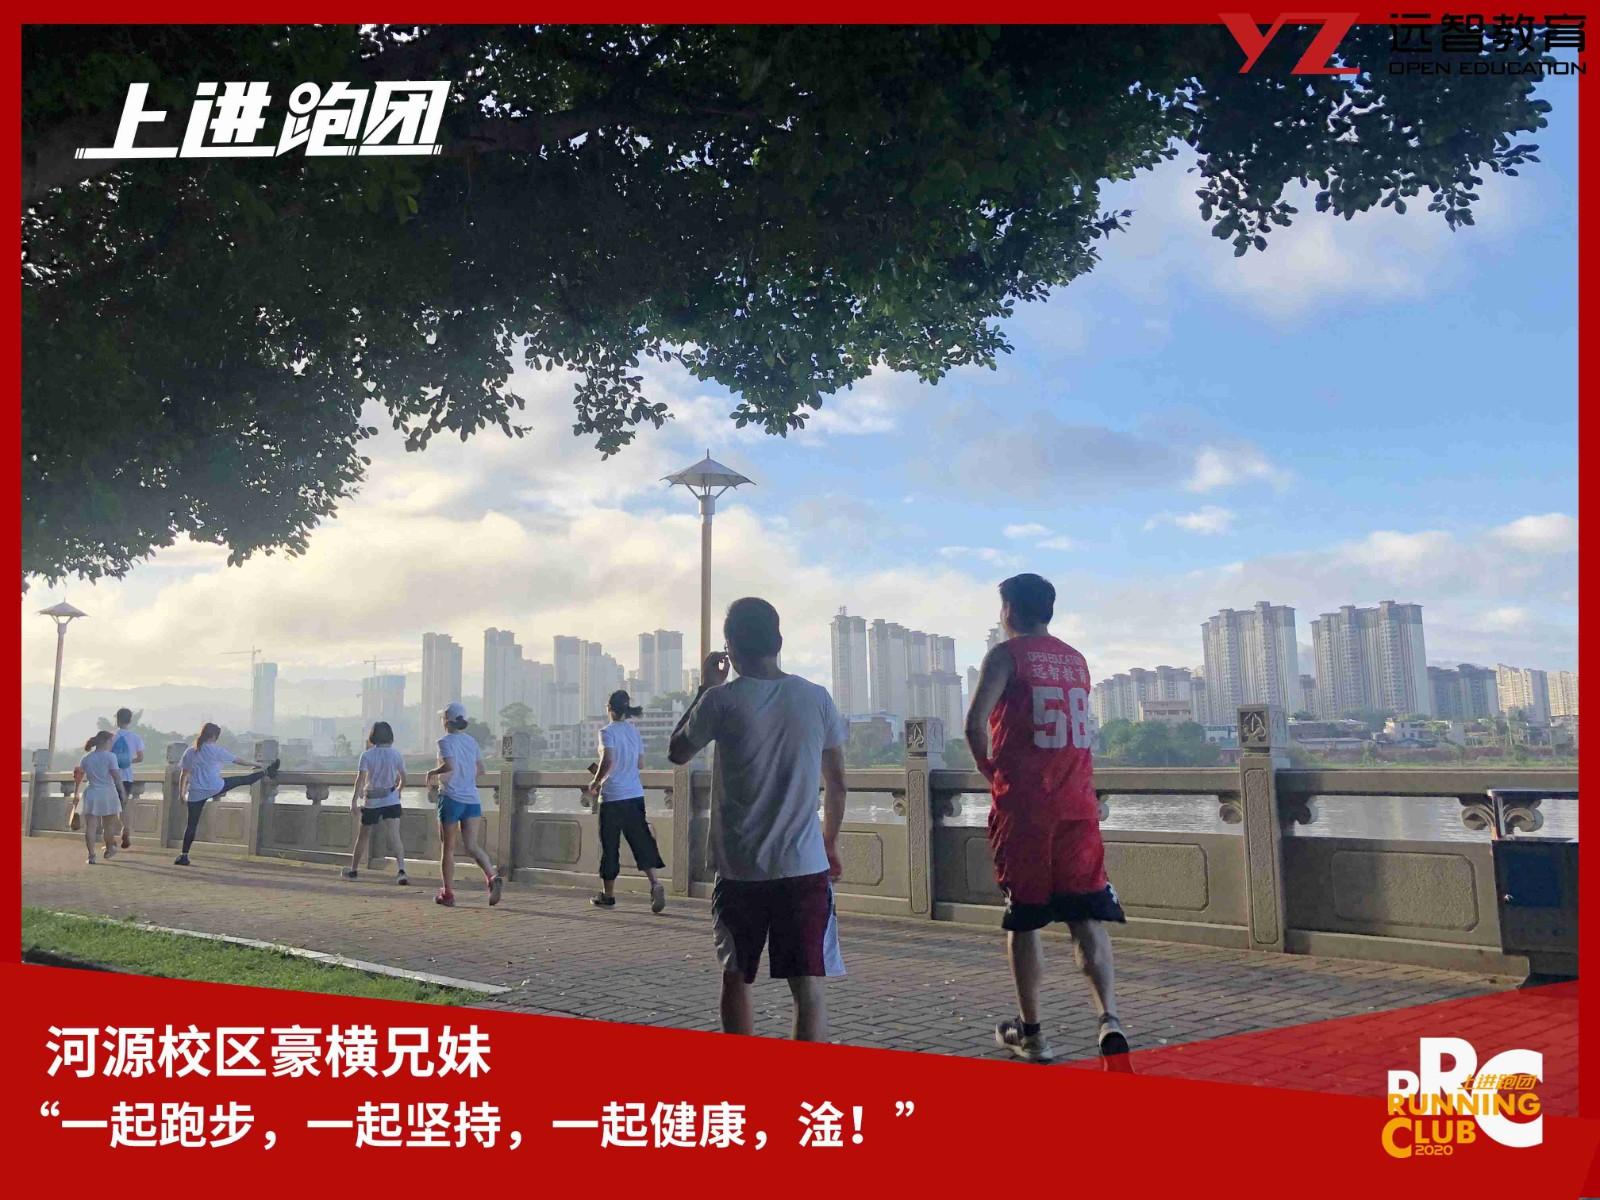 远智教育上进跑团,城市跑友,广东东莞阳江